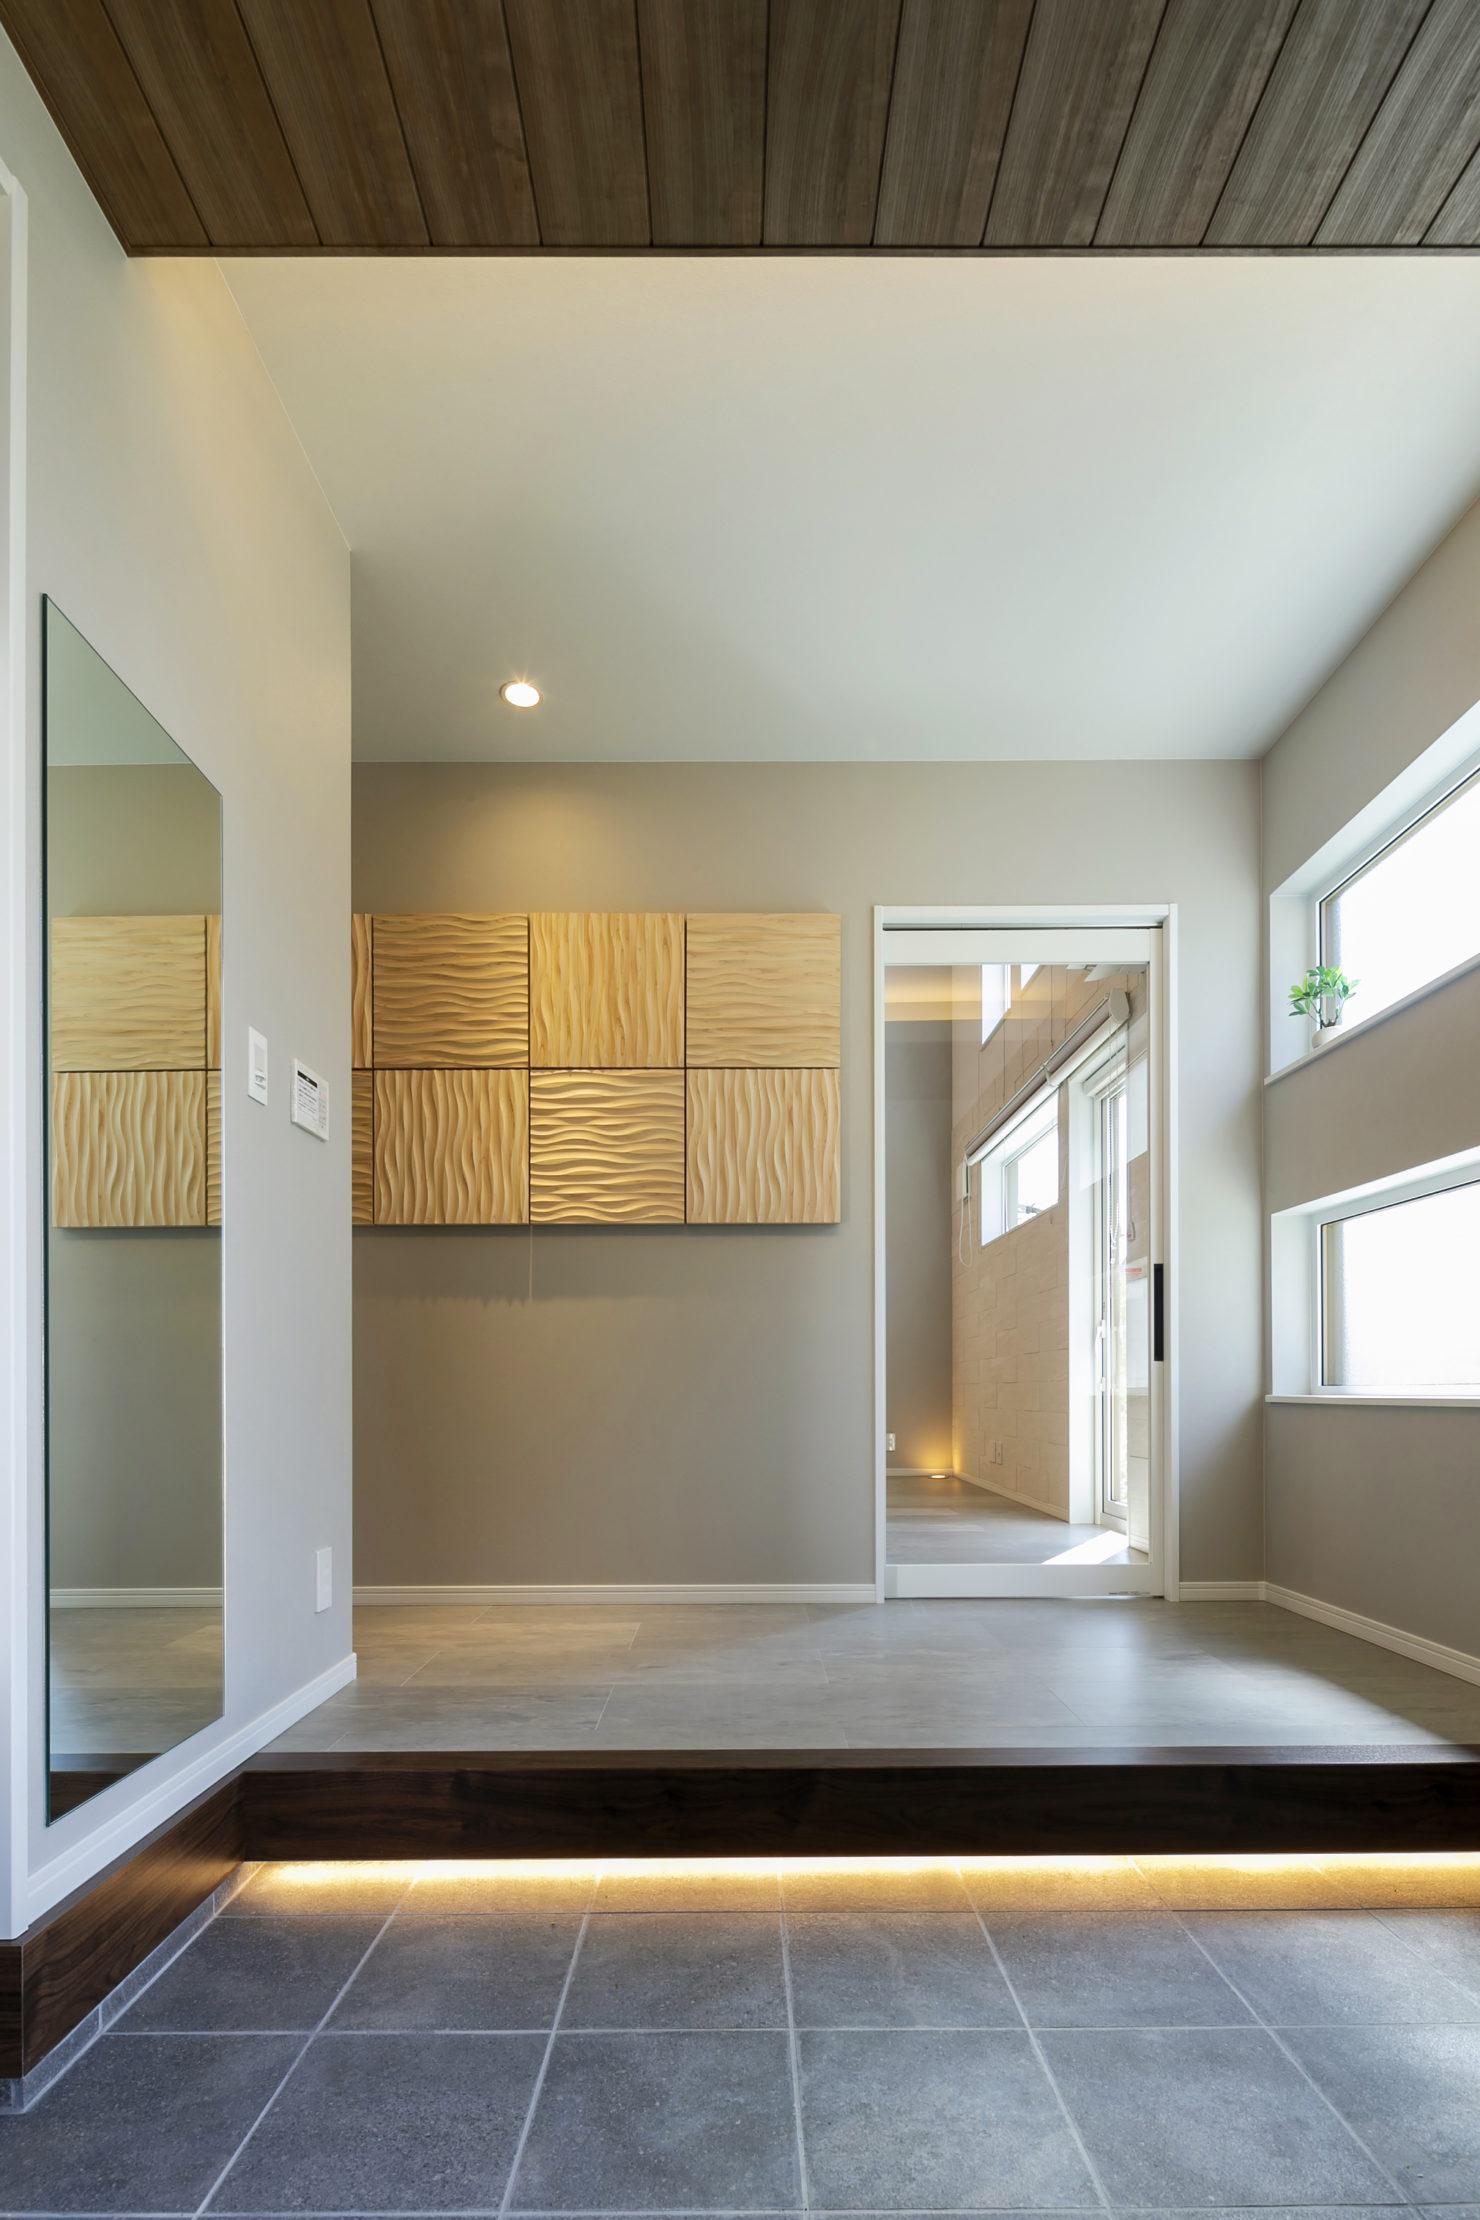 ハウスM21「3世代で快適に暮らすインナーガレージ併設住宅」玄関写真